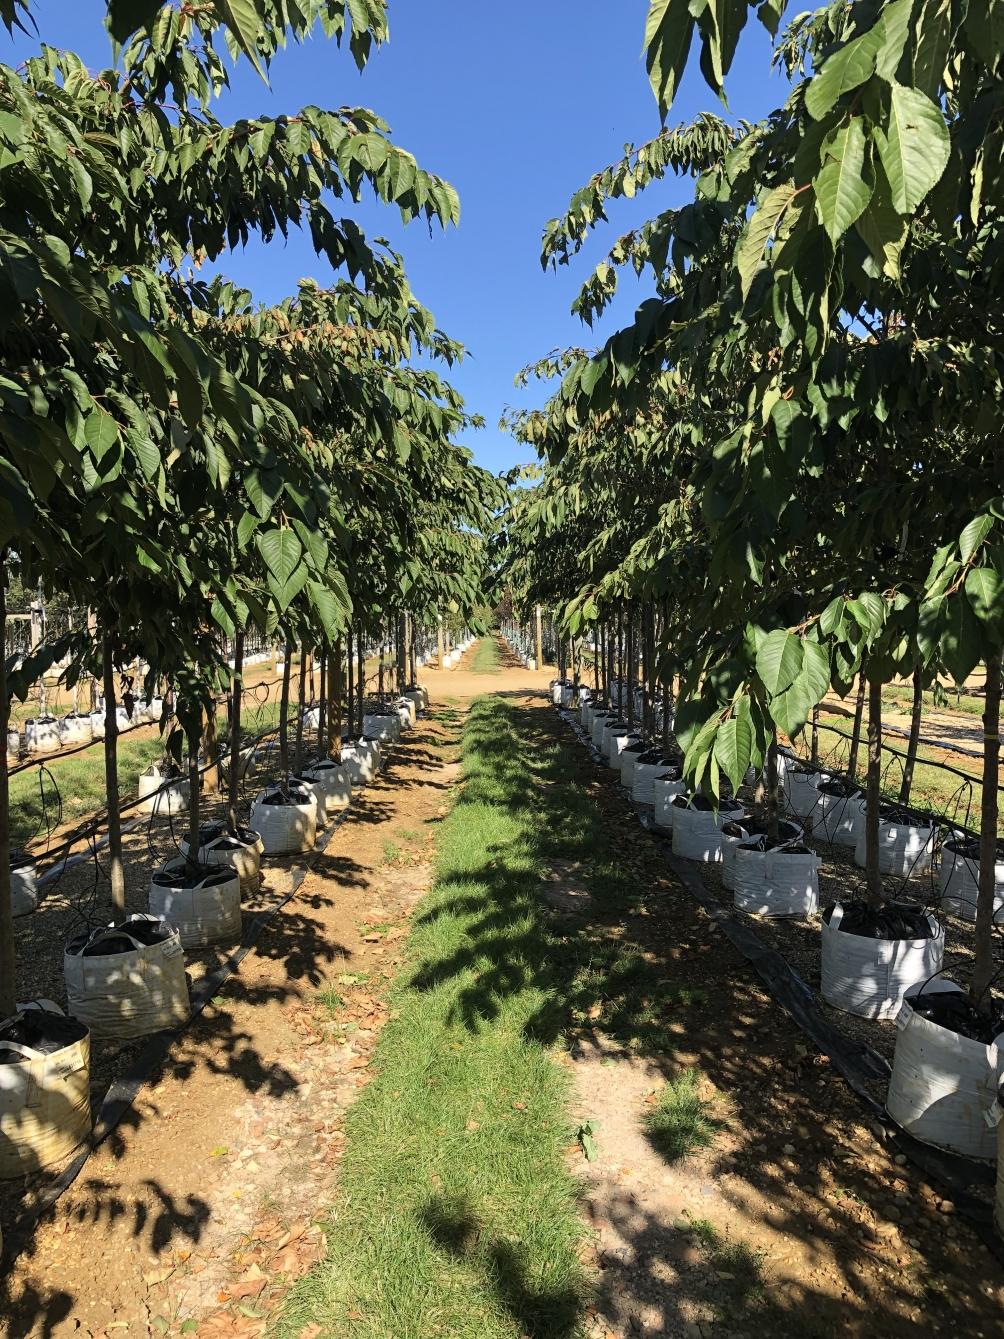 Prunus Shirotae on the Barcham Trees nursery